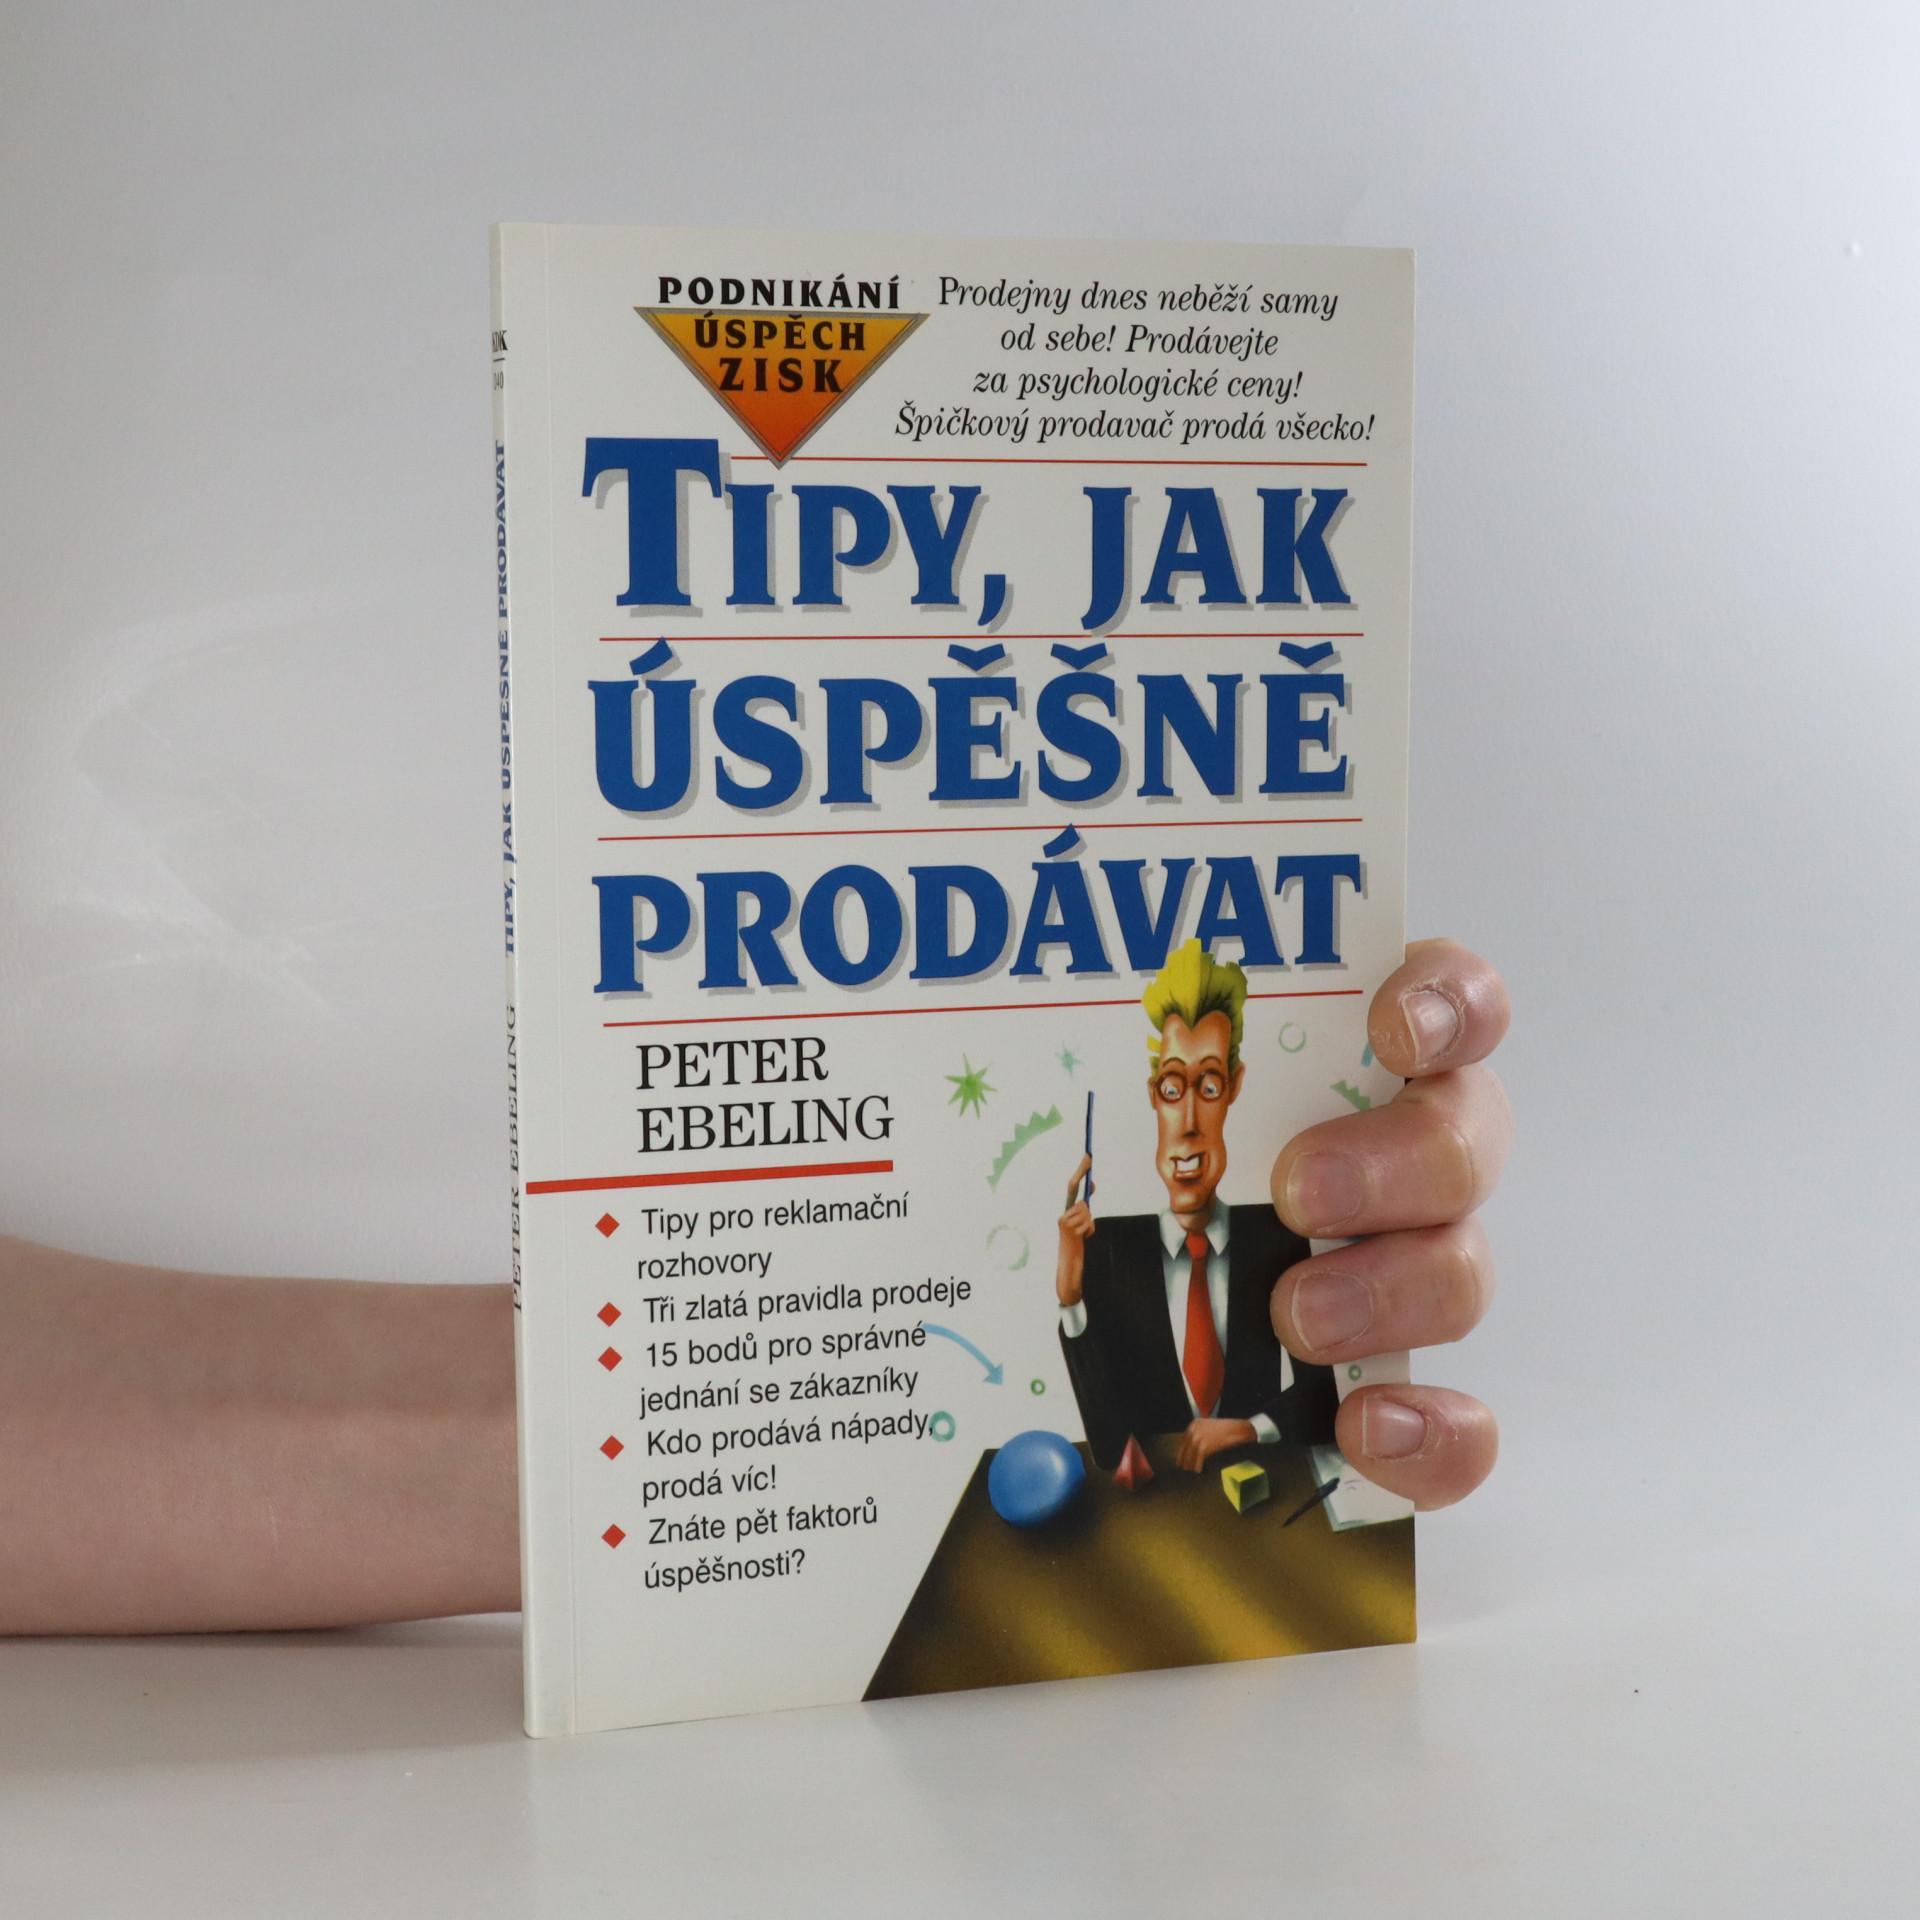 antikvární kniha Tipy, jak úspěšně prodávat, 1996